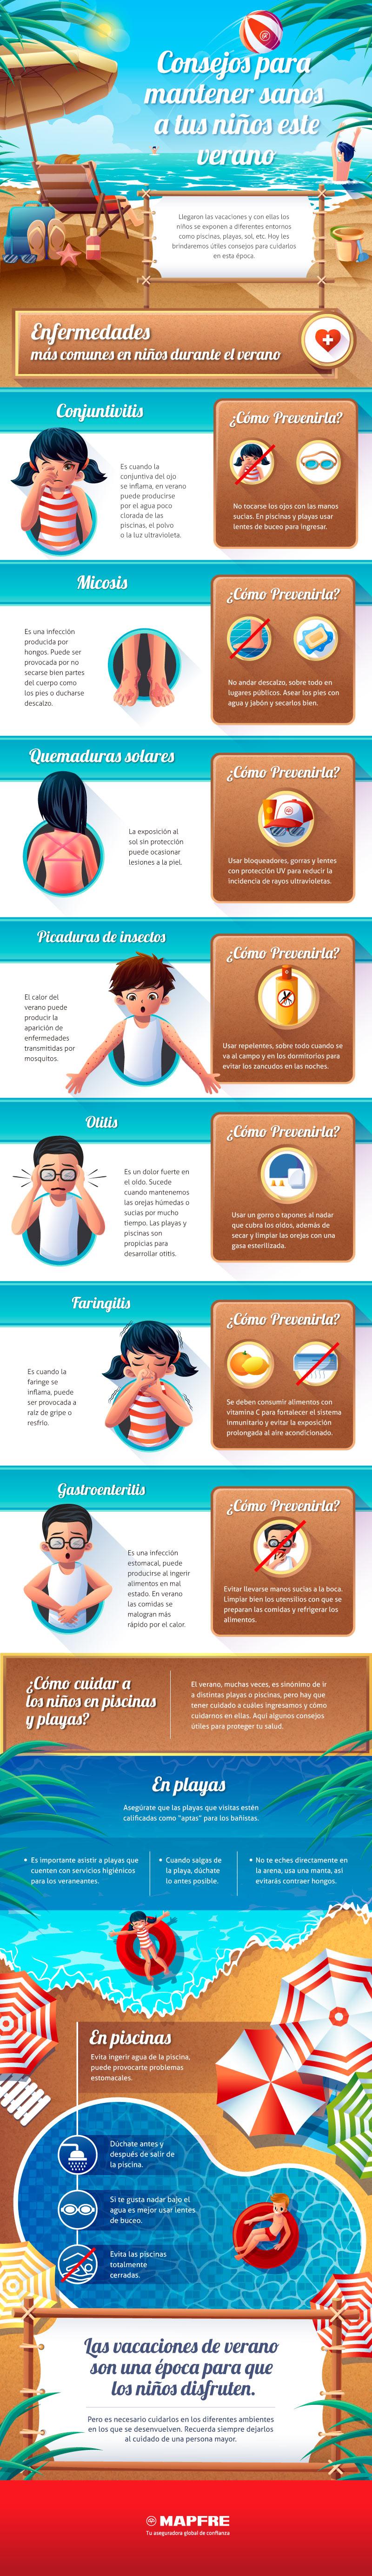 Infografía -Consejos para mantener sanos a tus niños estas vacaciones